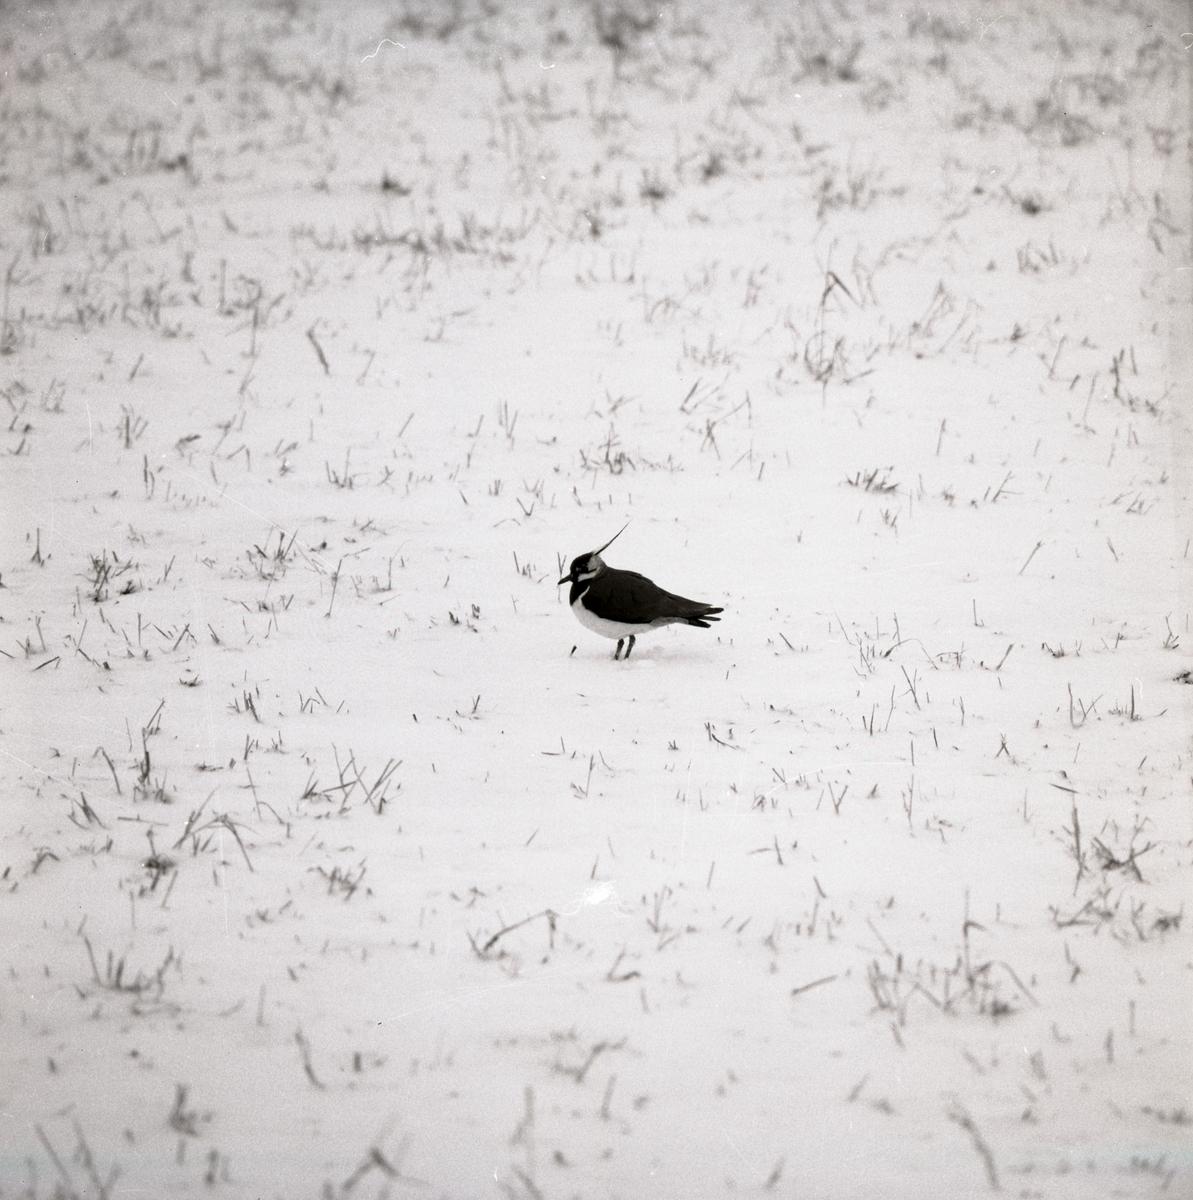 En tofsvipa står på en snötäckt mark där endast några grässtrån sticker upp, 1971.